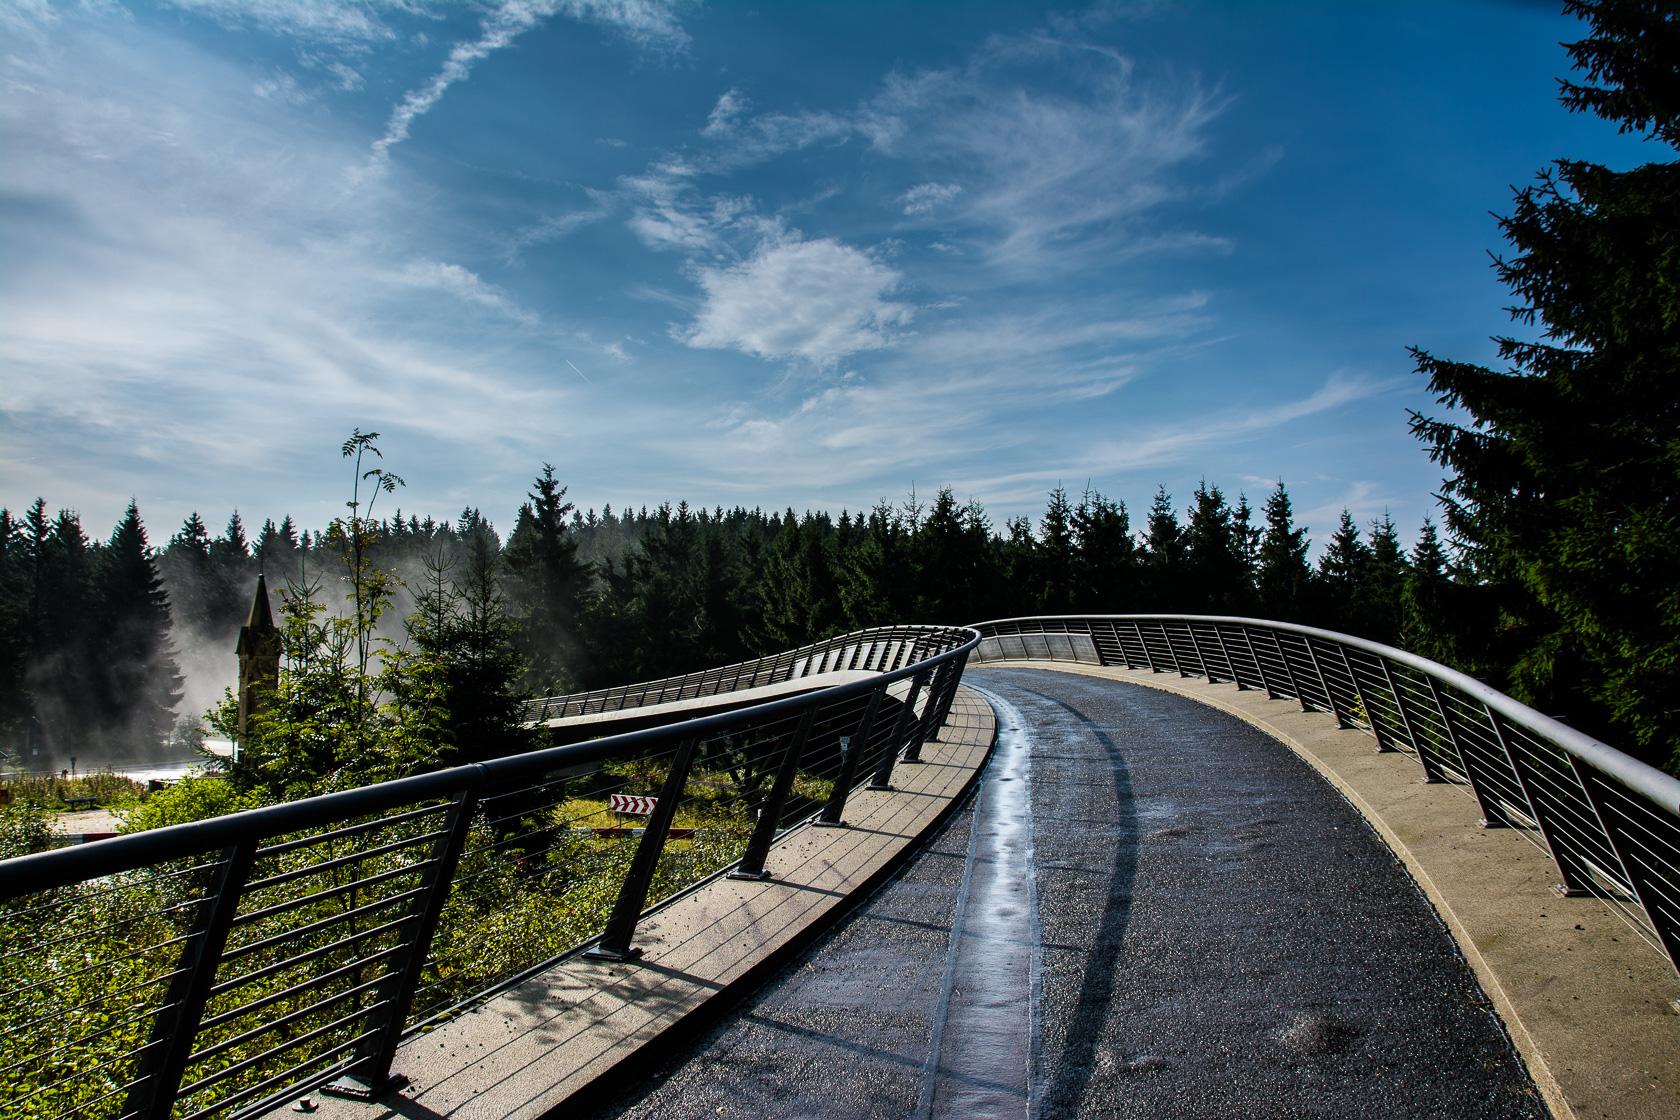 Wanderbloggerwochenende in Oberhof